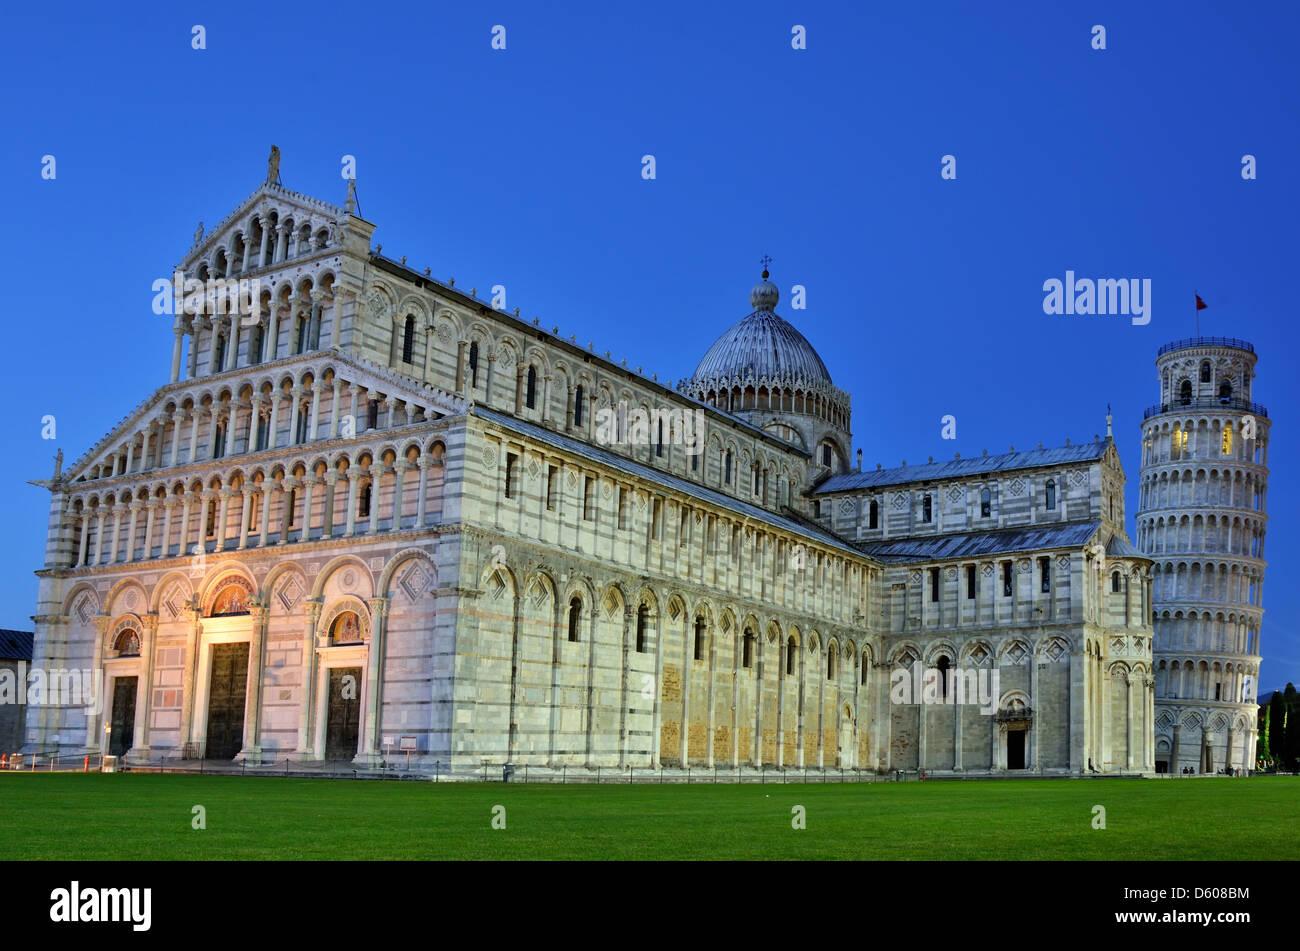 Catedral de Pisa y la Torre Inclinada, la arquitectura románica en Toscana Imagen De Stock